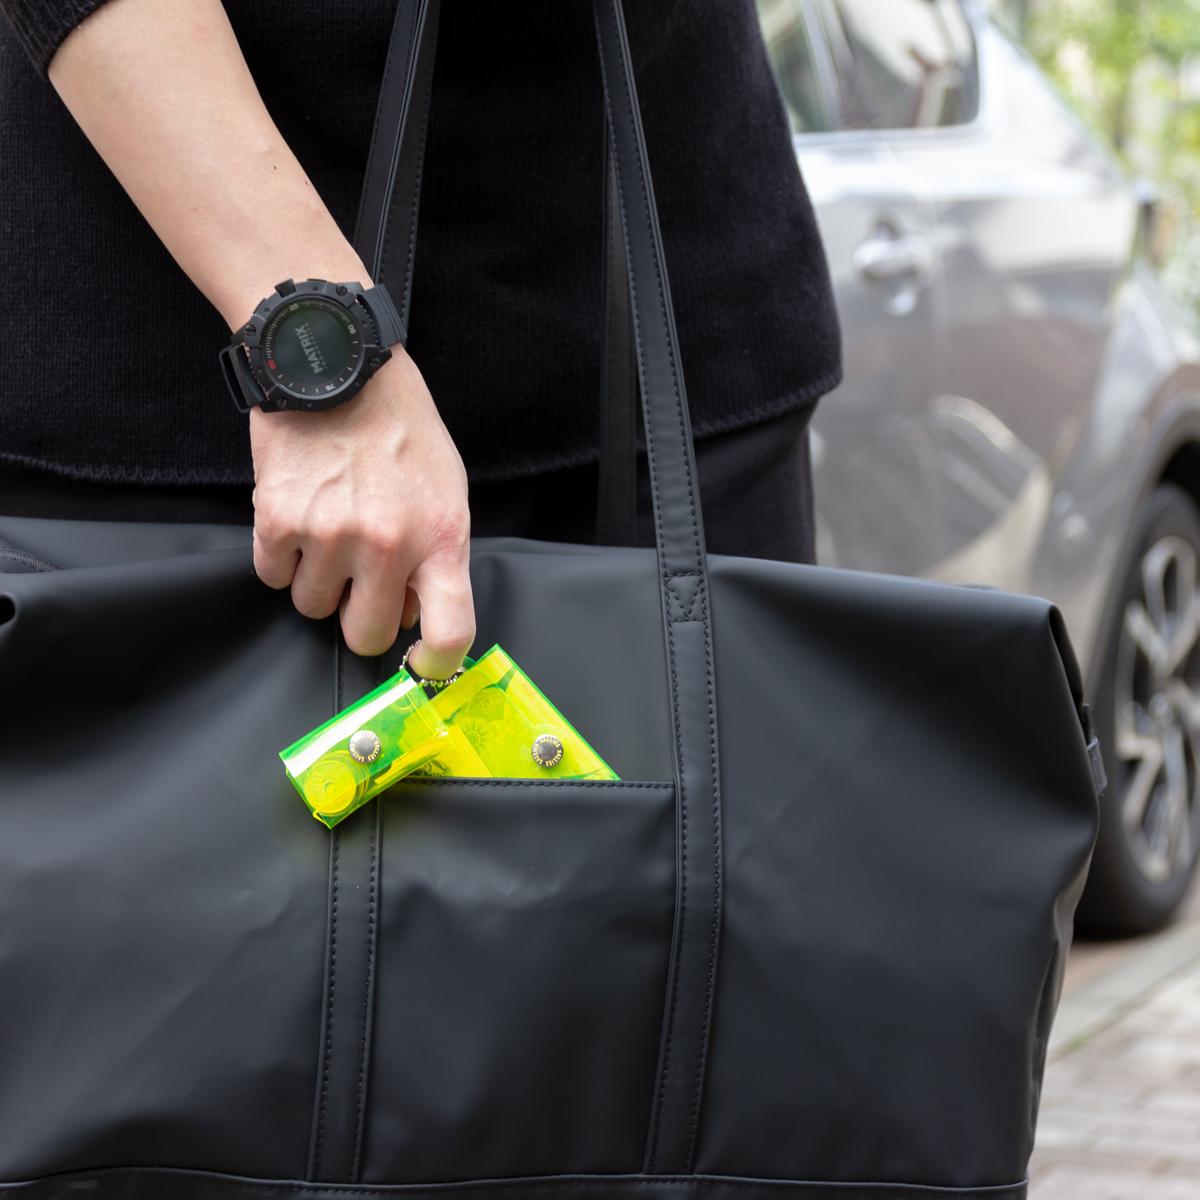 会員カードとロッカーキーをまとめた「ジム専用ウォレット」にもなる。ミニマム構造がかなえる、軽量&収納力の「ミニ財布」|SALLIES